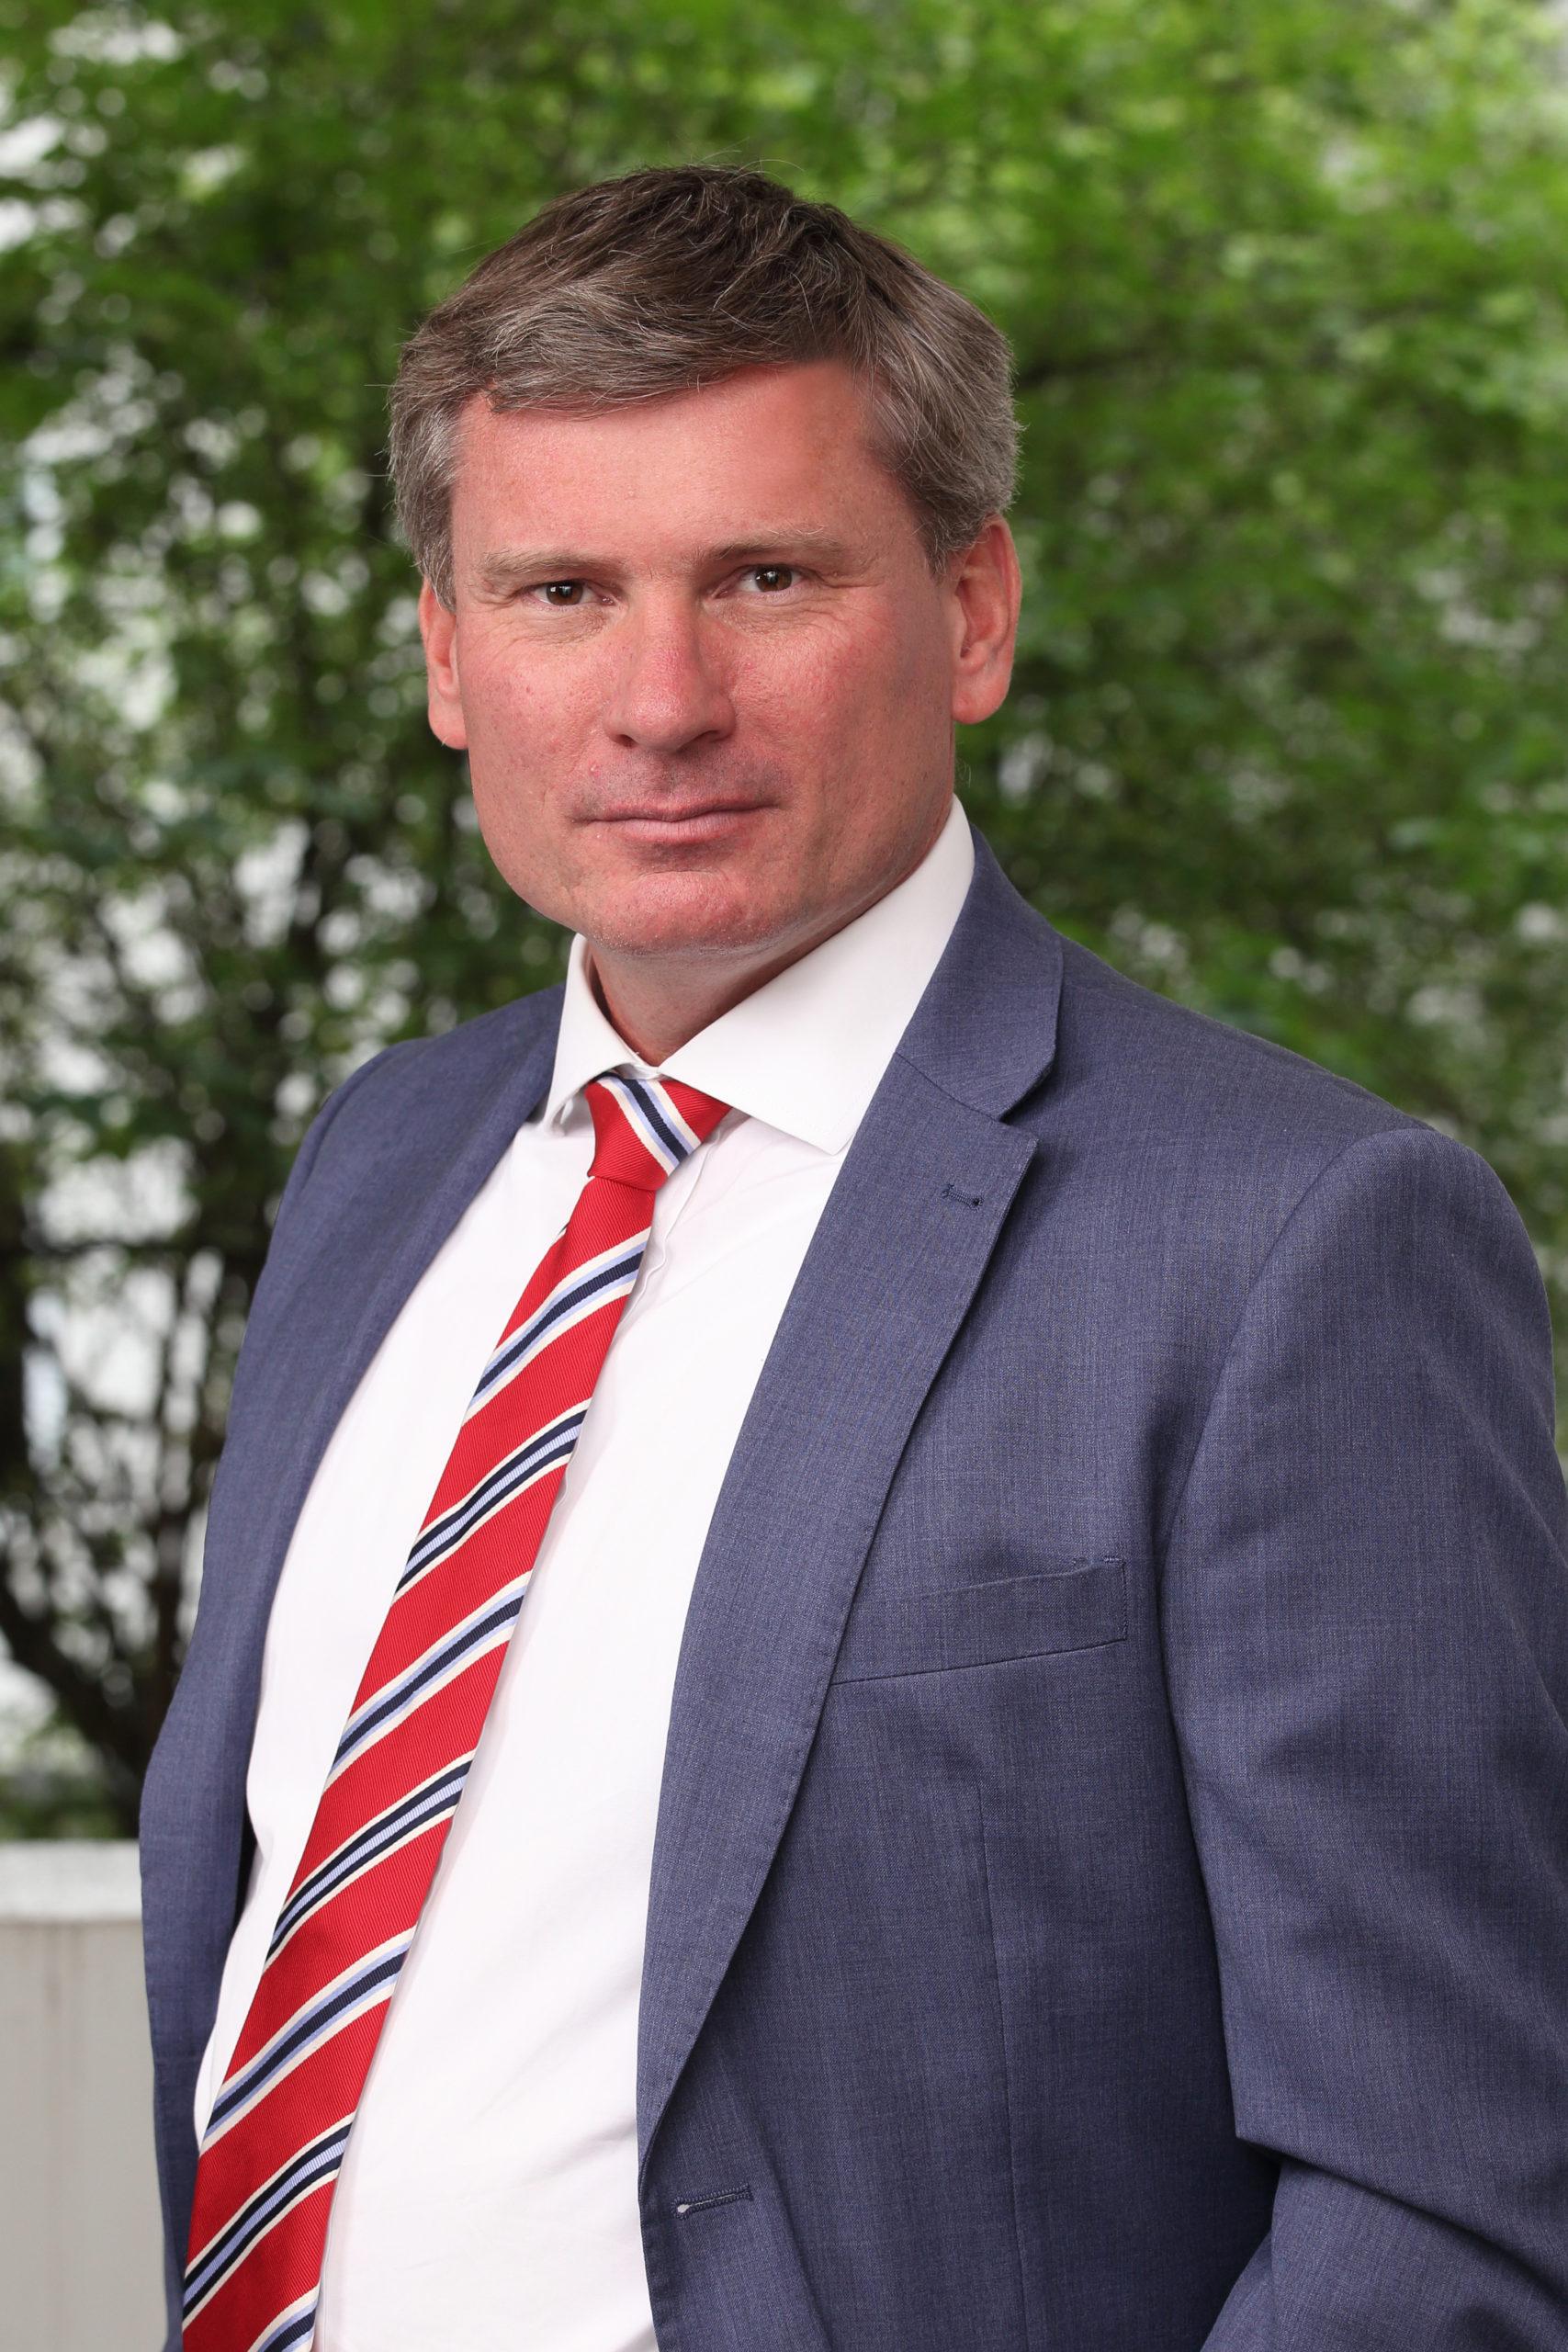 Dr. Frank Seebode